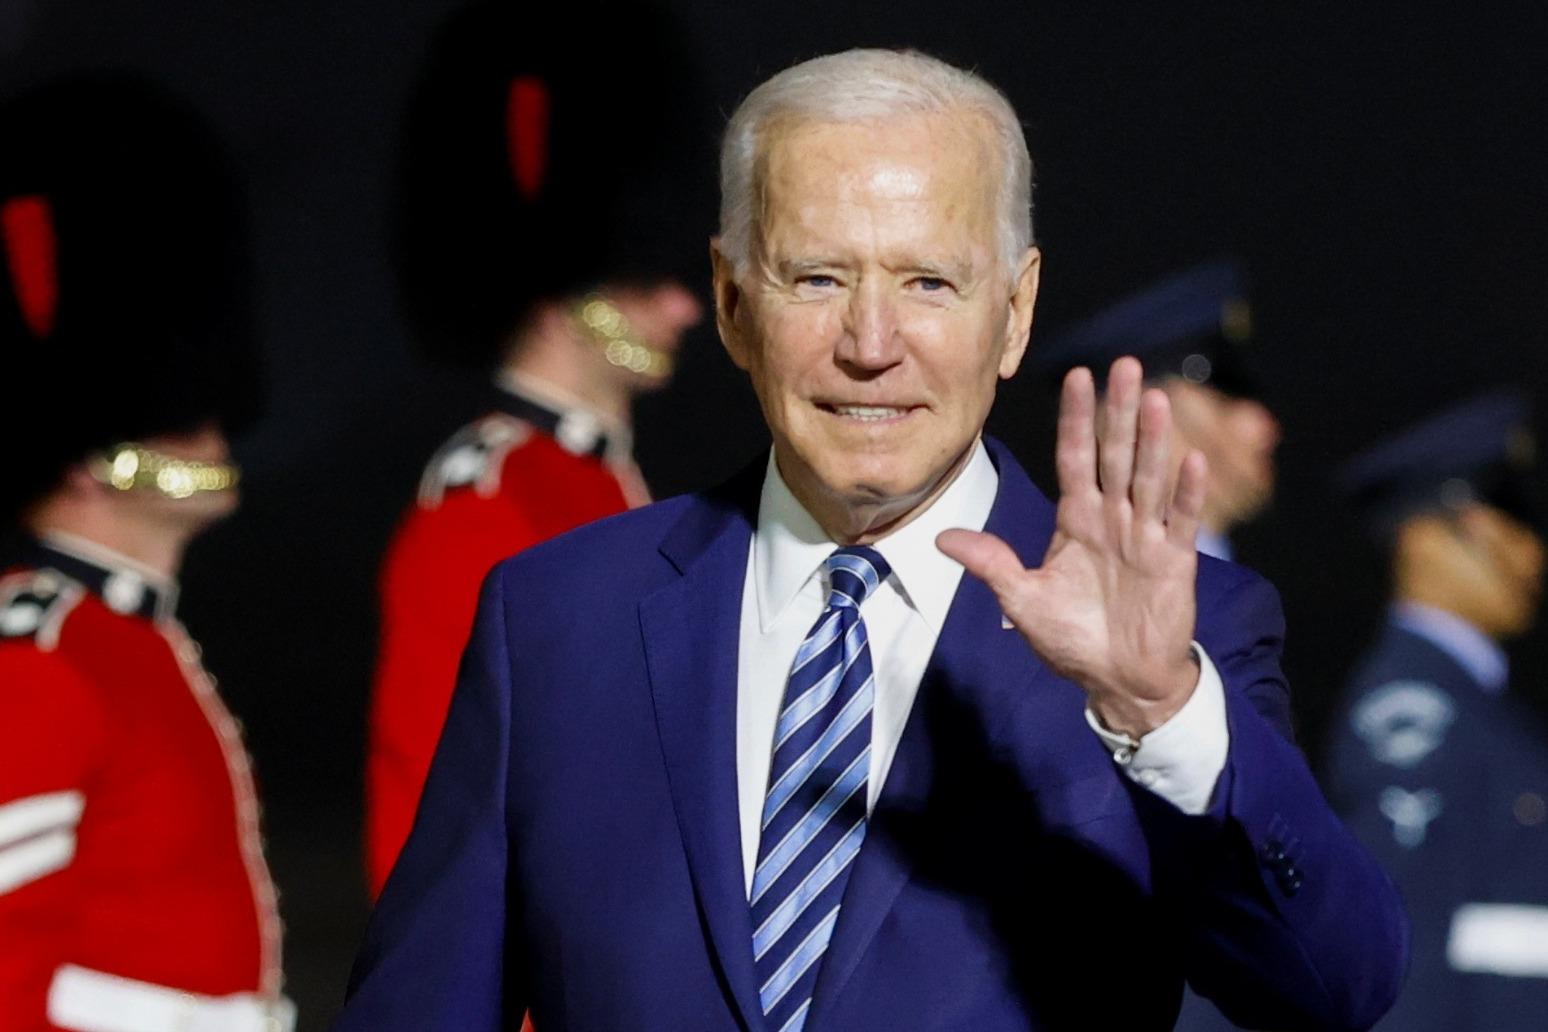 Biden to challenge Johnson over Northern Ireland Brexit dispute